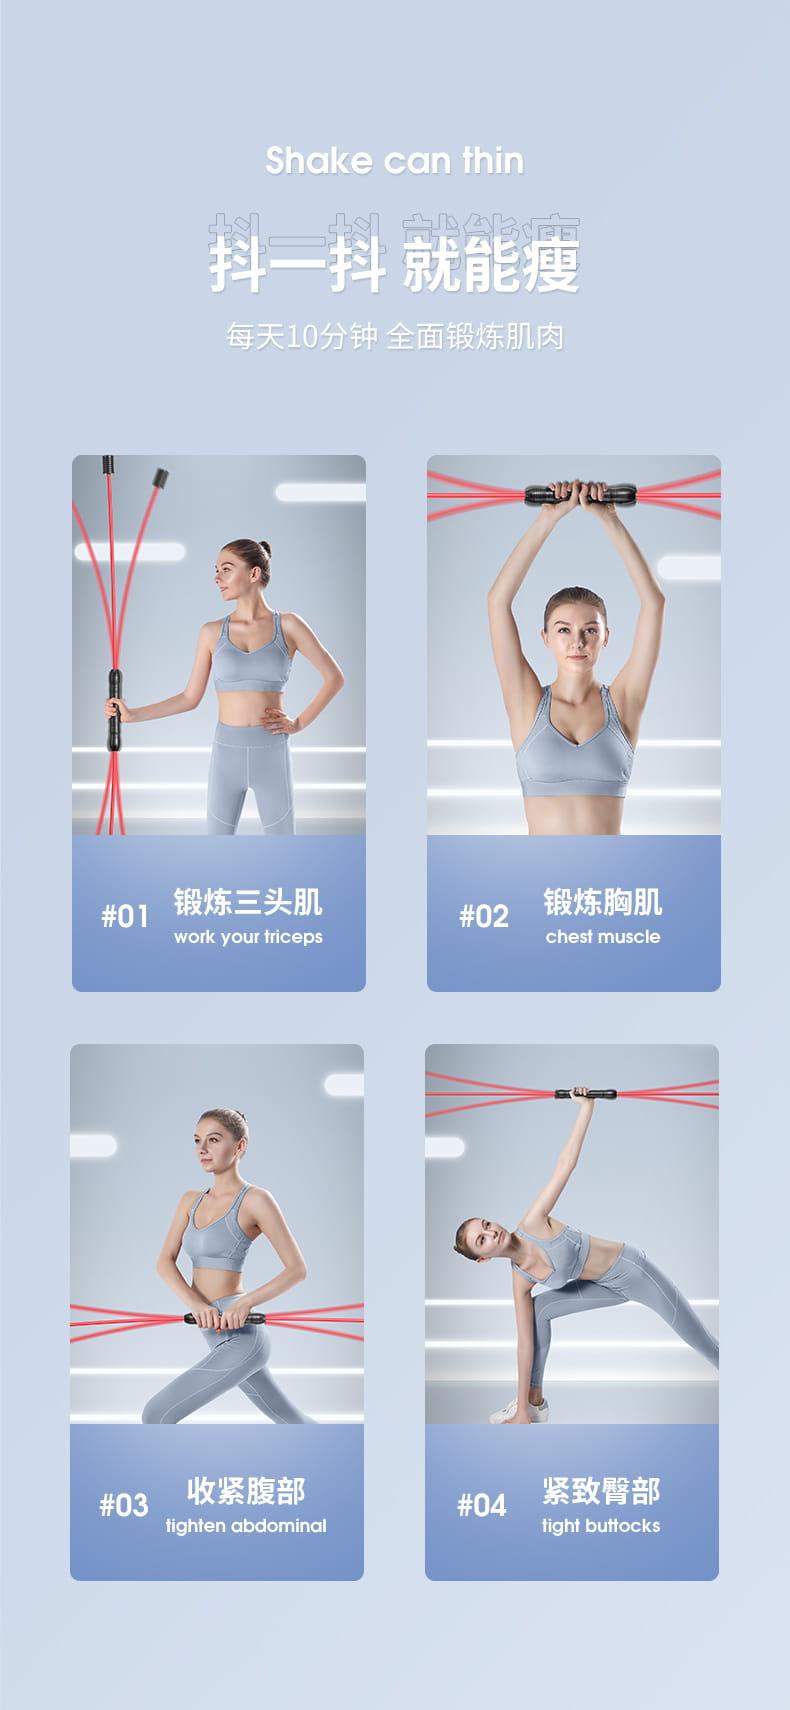 飛力仕棒 多功能健身訓練棒 飛力士健身器材 家用減肥 彈力震顫棒 抖音爆款 4